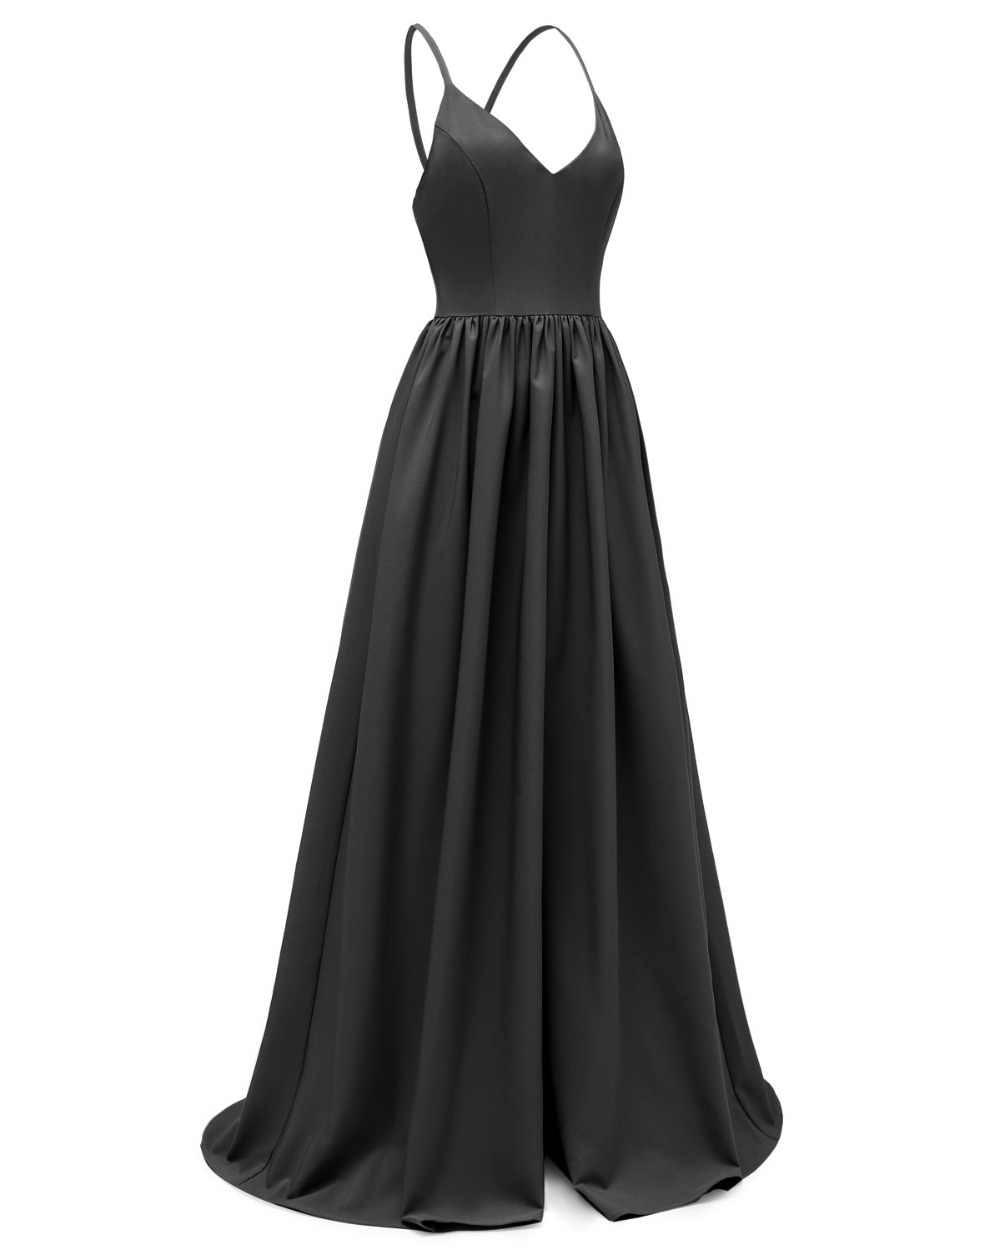 Однотонное платье Макси без рукавов с v-образным вырезом и высокой талией, вечерние элегантные летние женские длинные платья